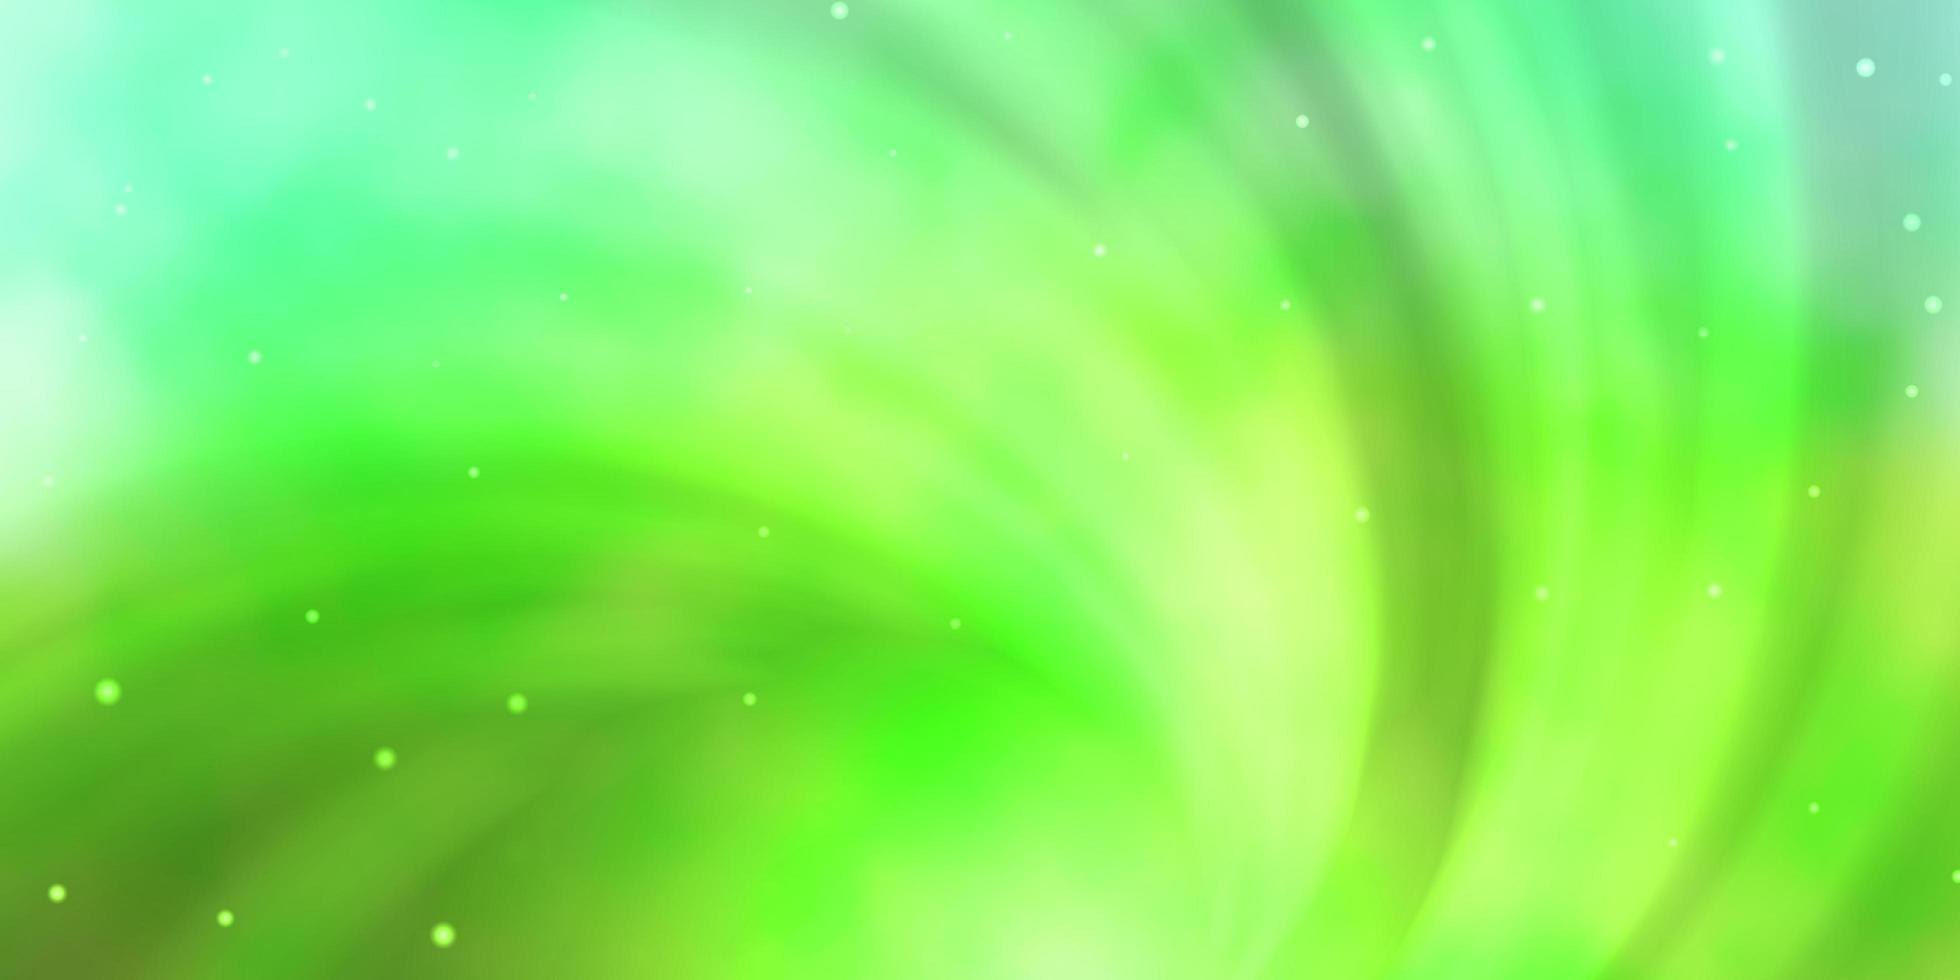 texture vert clair avec de belles étoiles. vecteur